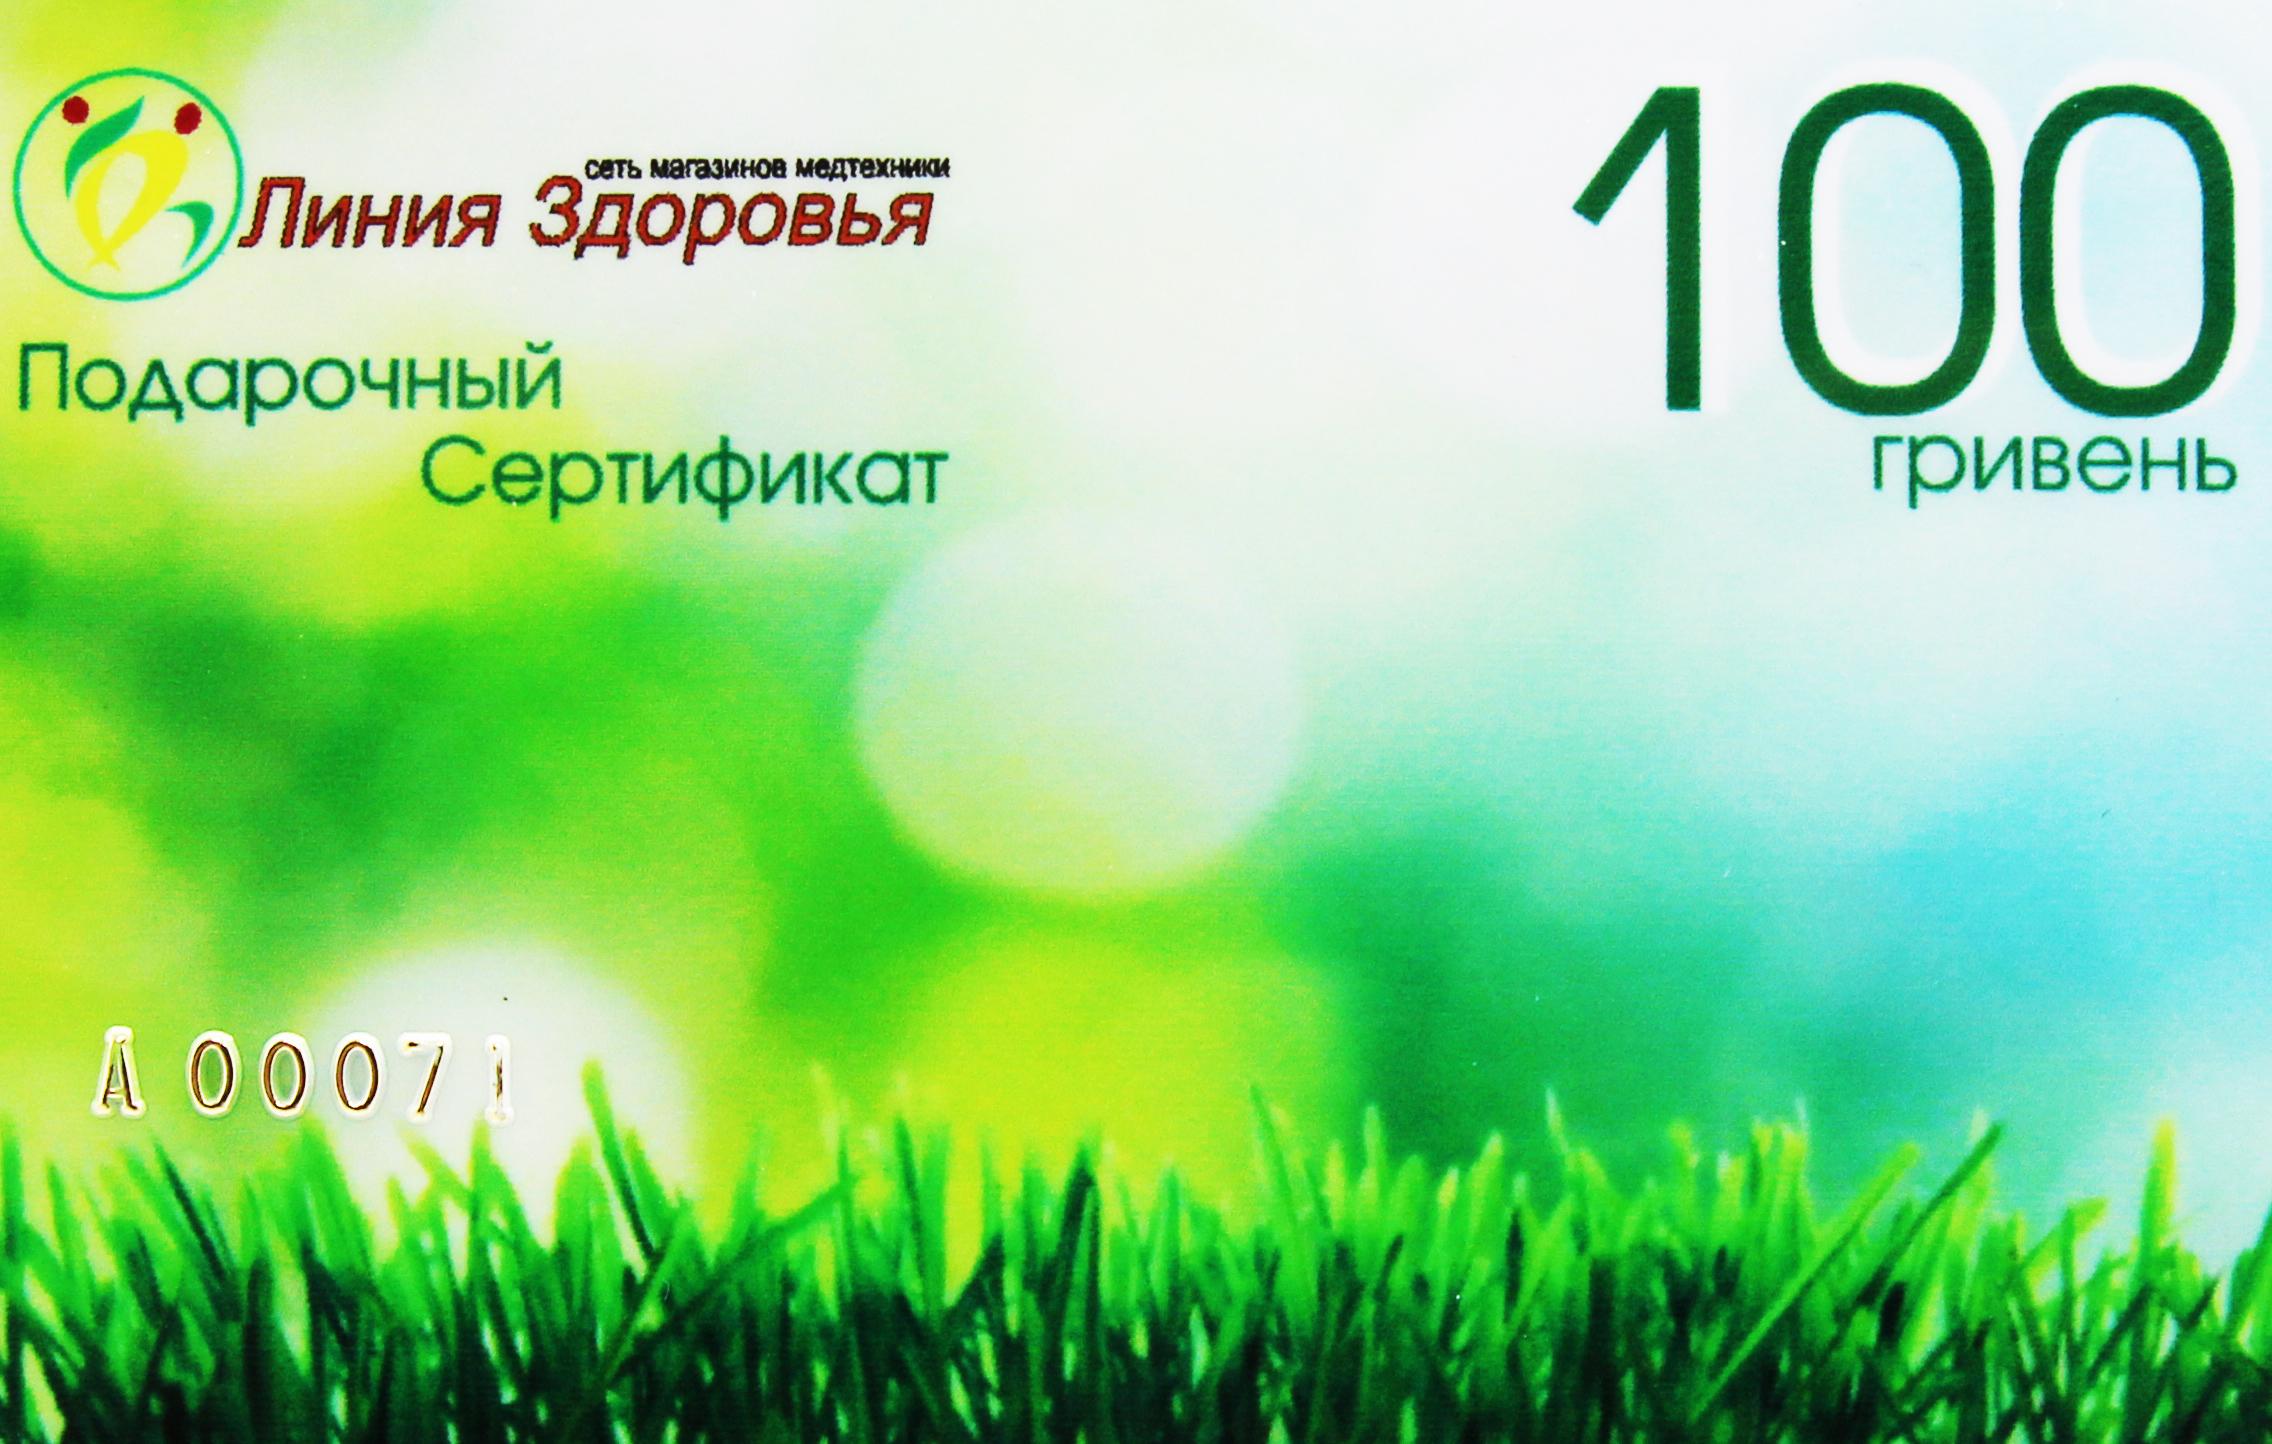 Сертификат на сумму в 100 гривен подарочный